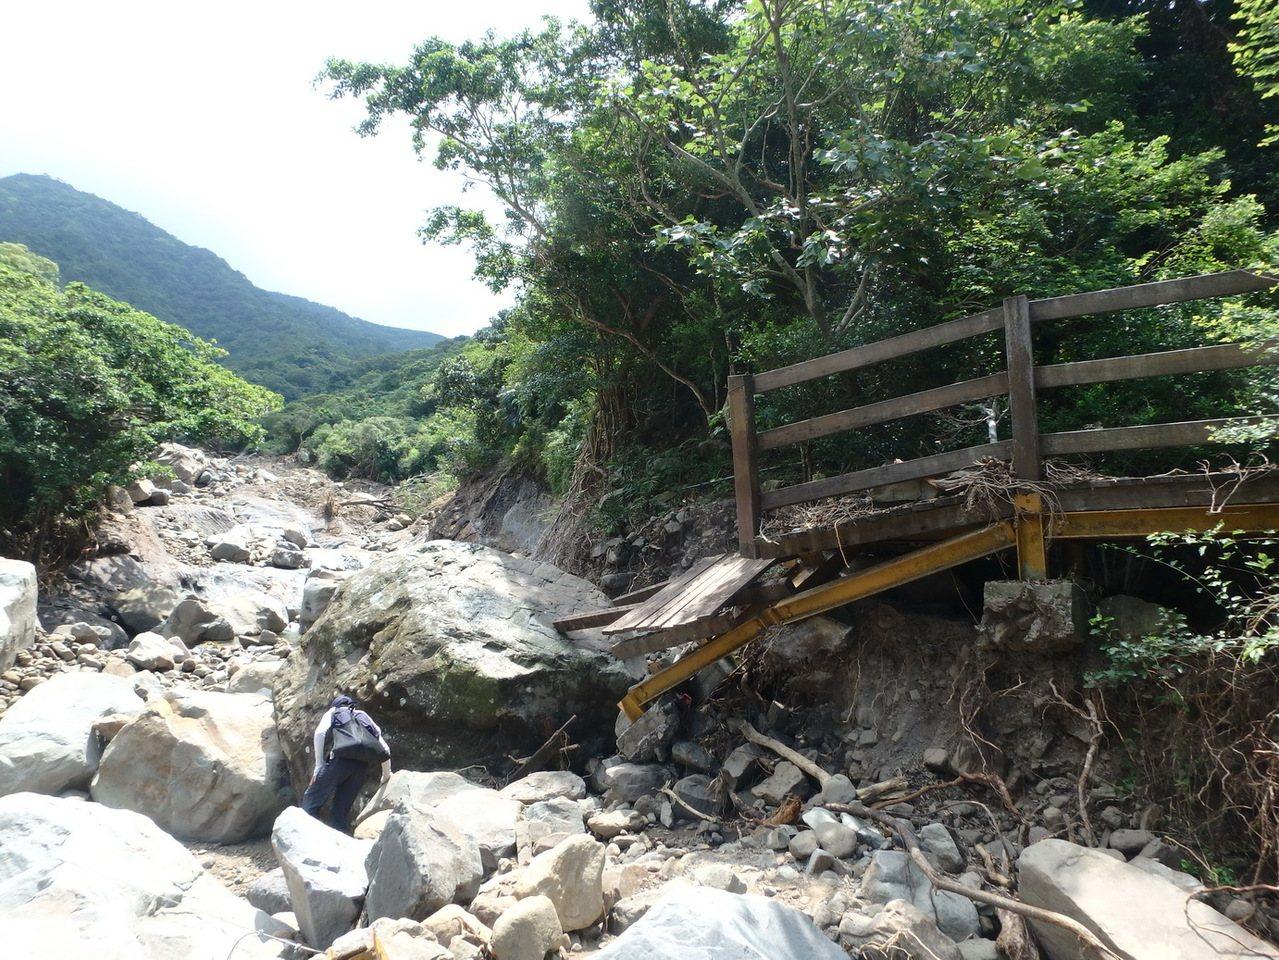 屏東里龍山森林步道竹坑入口處木棧道被土石流沖壞。記者潘欣中/翻攝